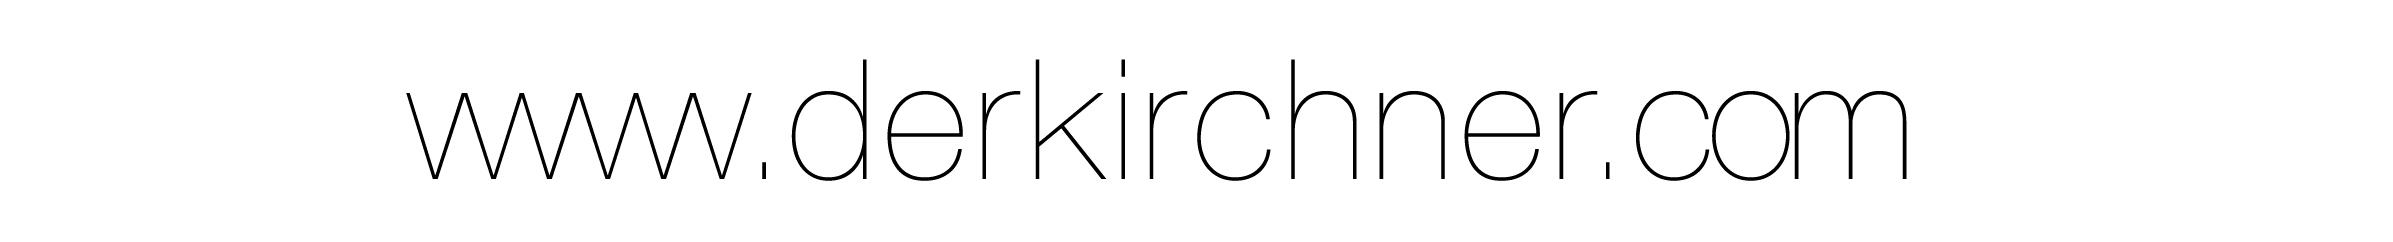 derkirchner.com